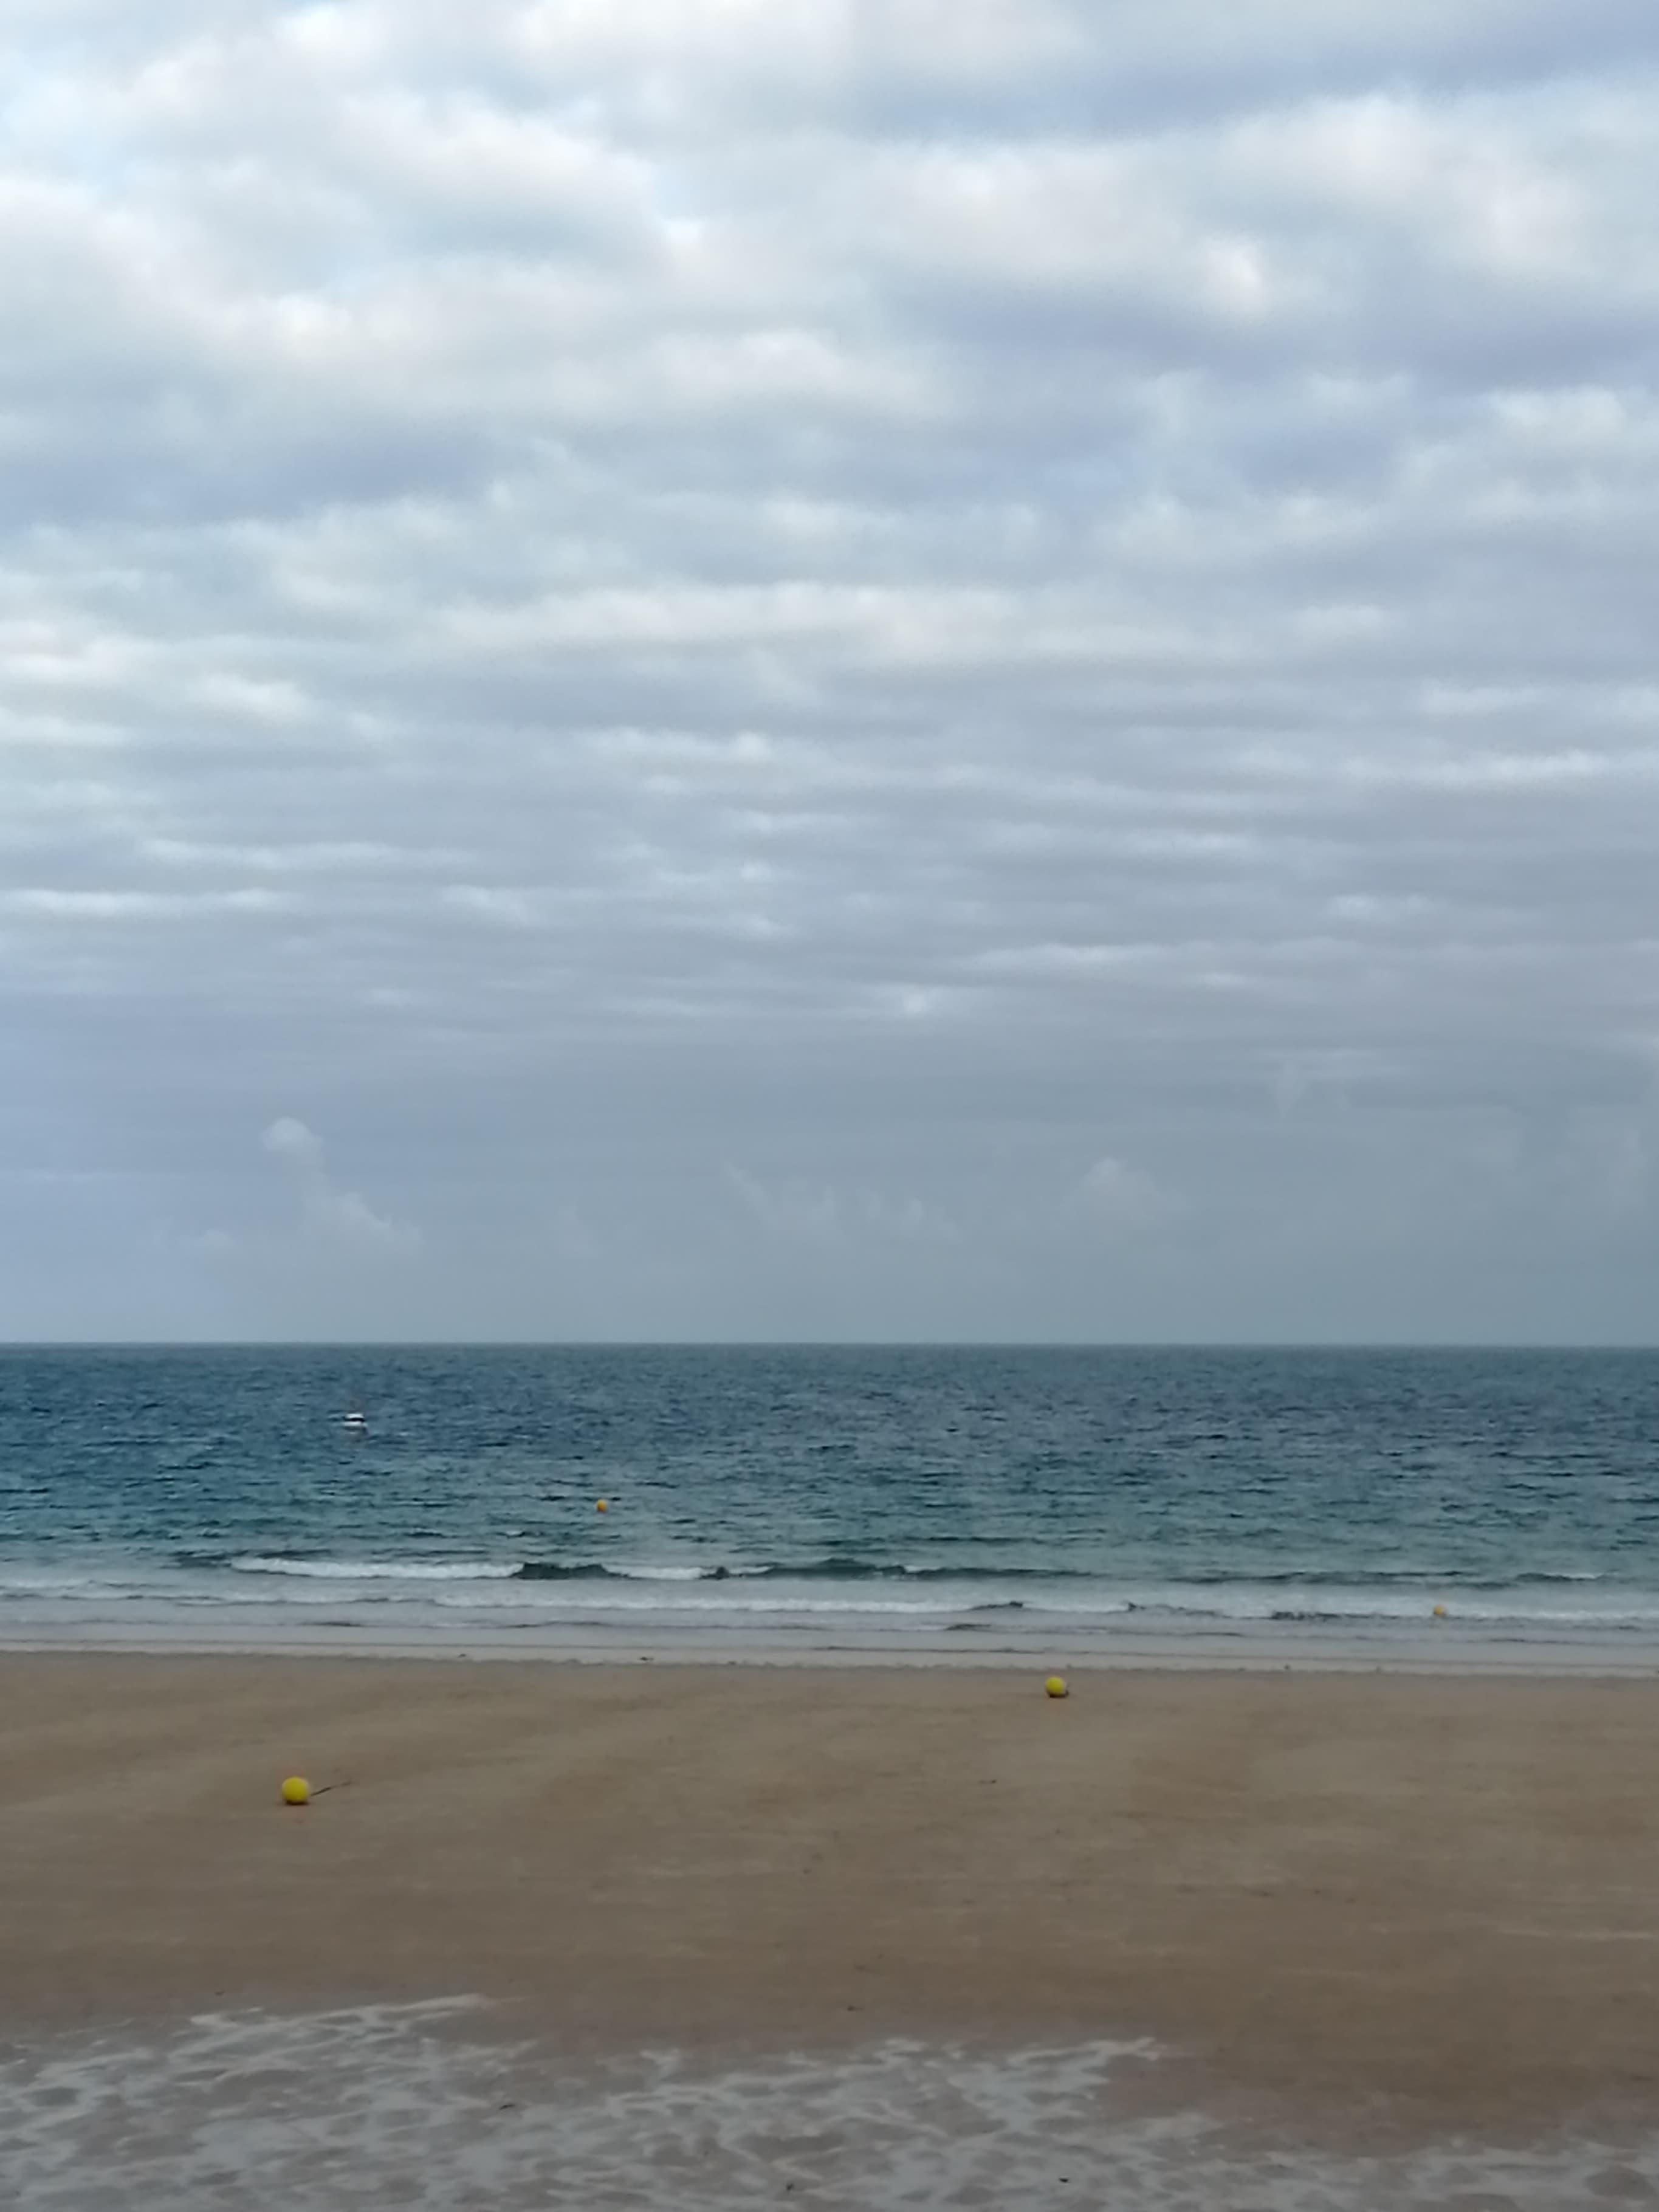 Mini vagues et plan d'eau ridée